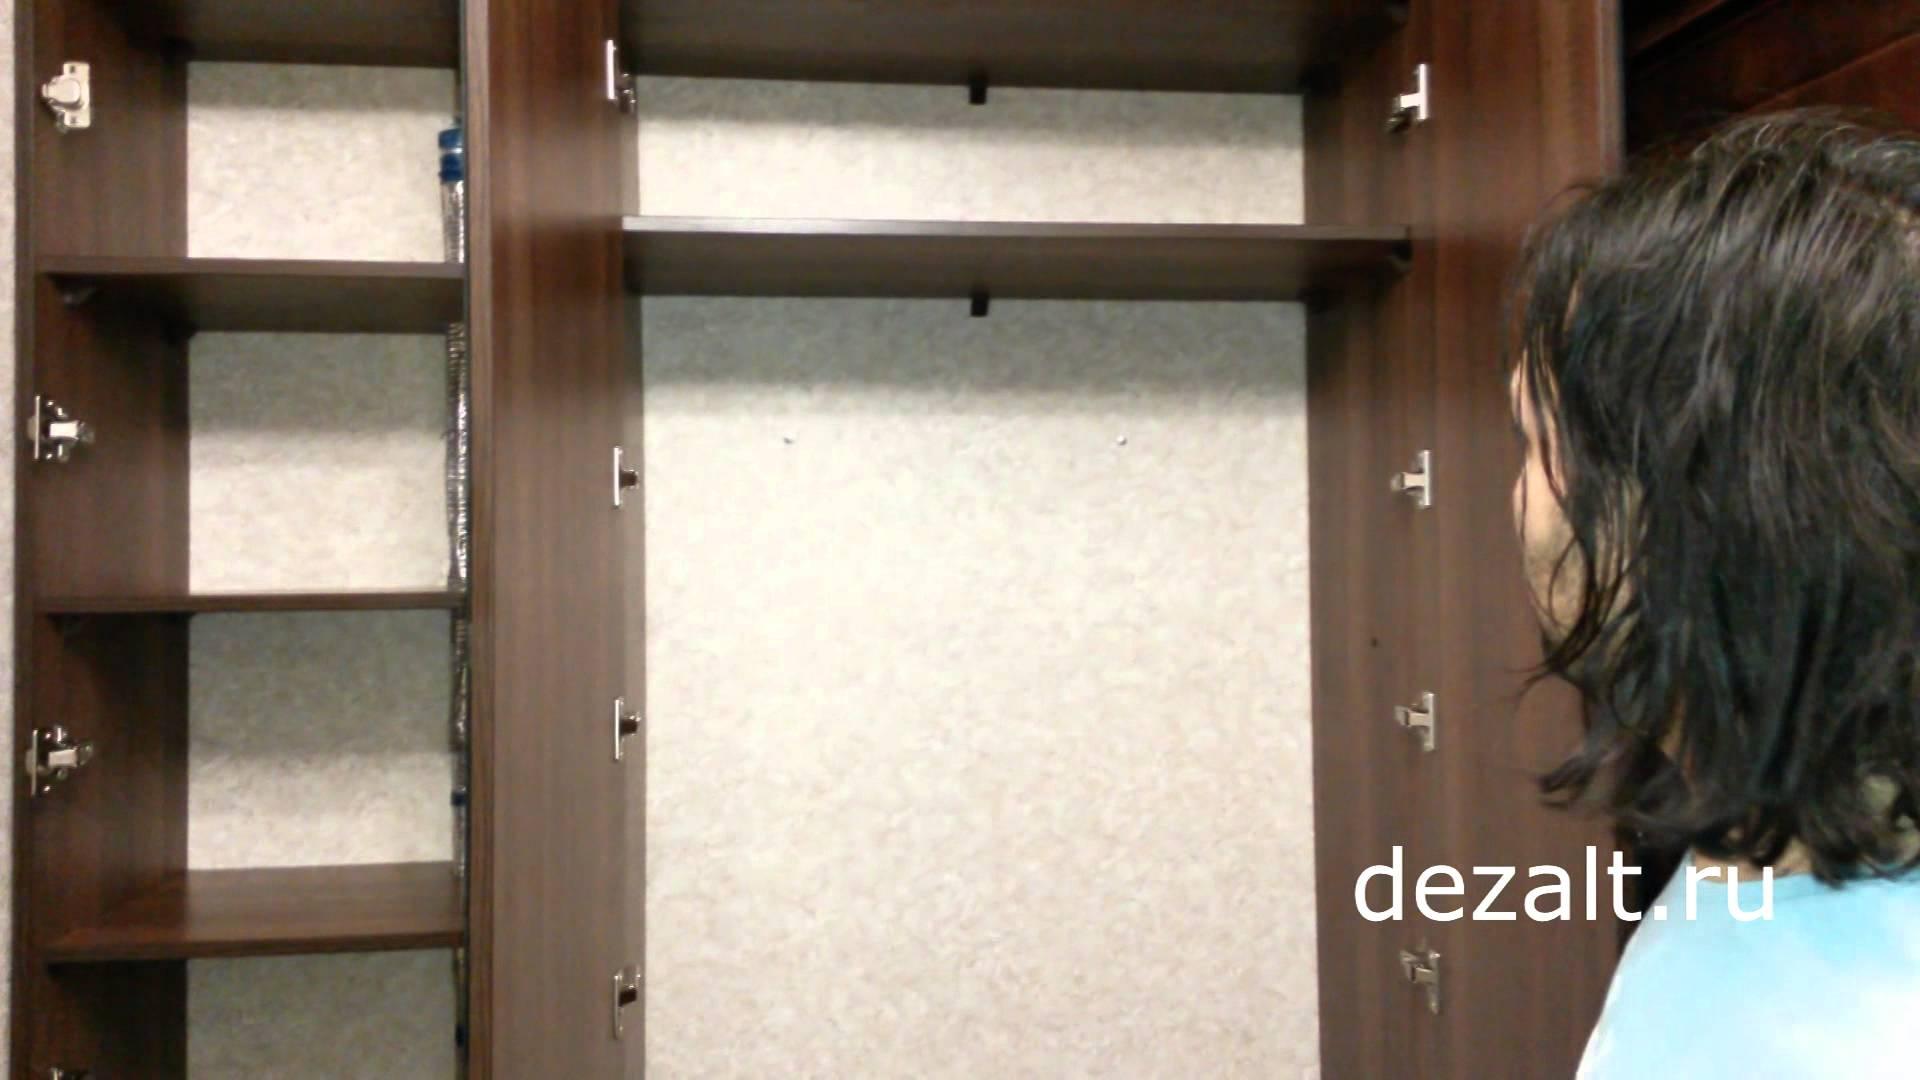 Распашные двери в шкаф своими руками